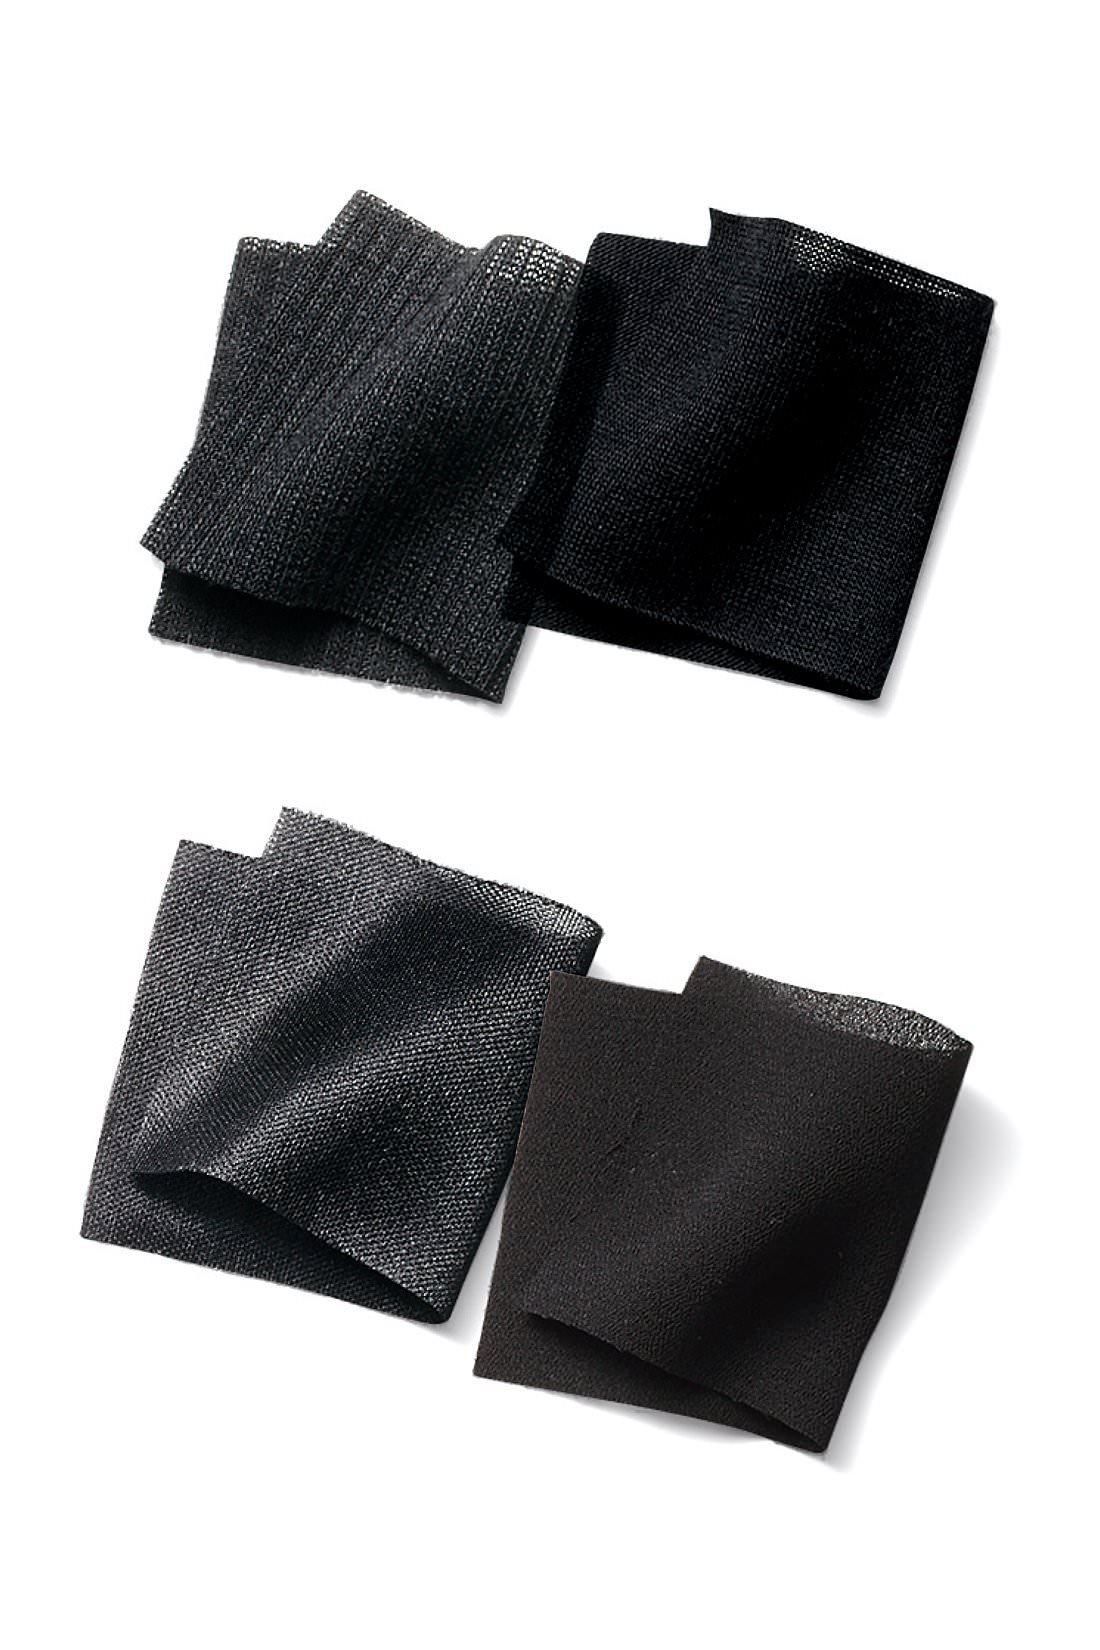 しなやかな布はく素材にカットソーを組み合わせました。